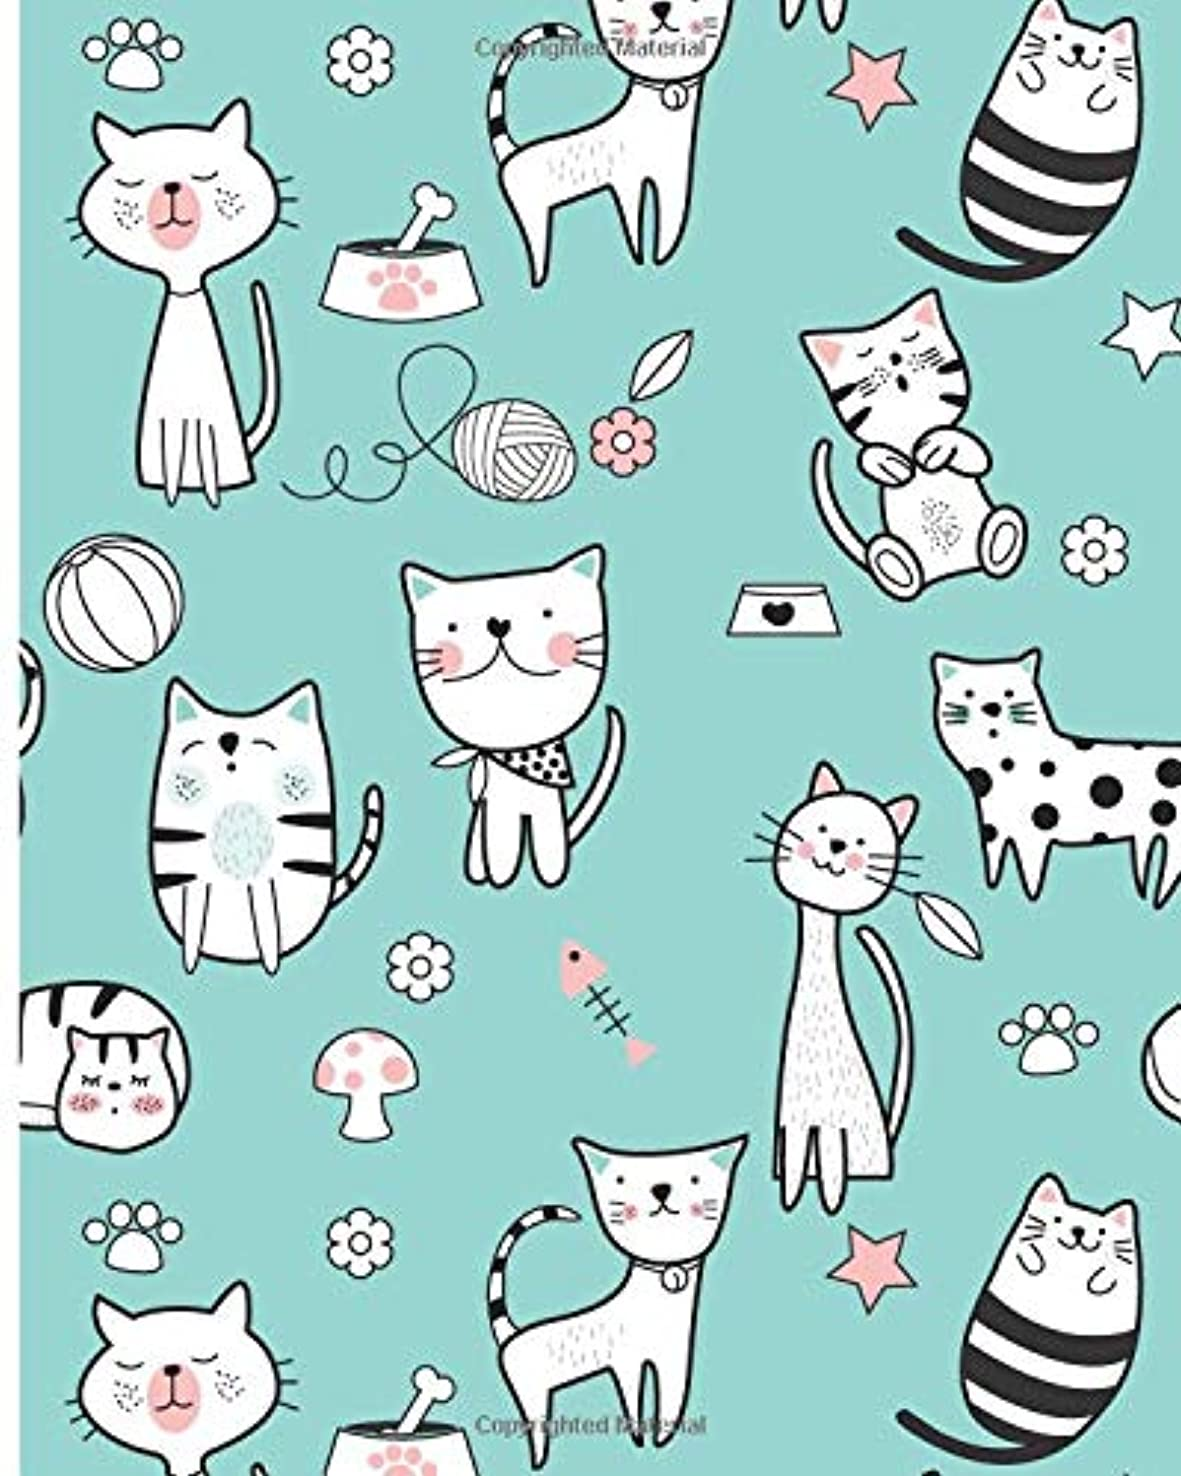 ゆるくダム暗殺するBlank Lined Journal Notebook: Writing Notes and Journaling   Black and White Minimal Cat Cover